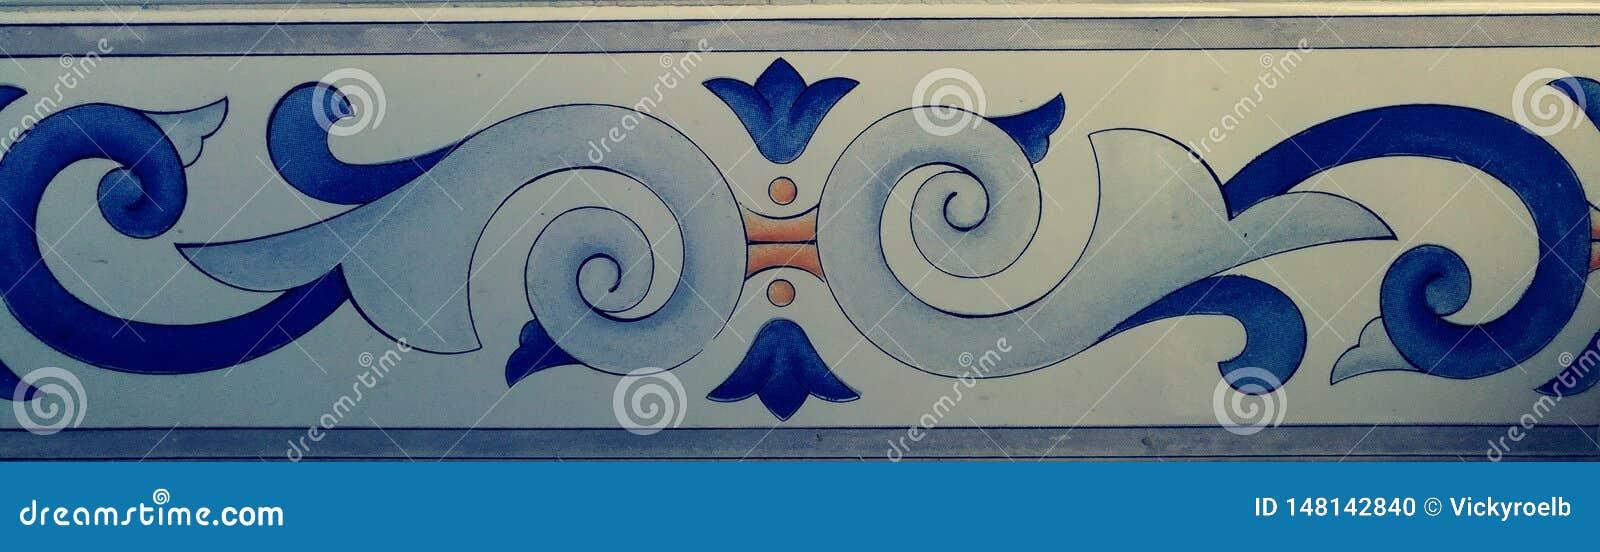 Rocznik i dekoracyjny wzór